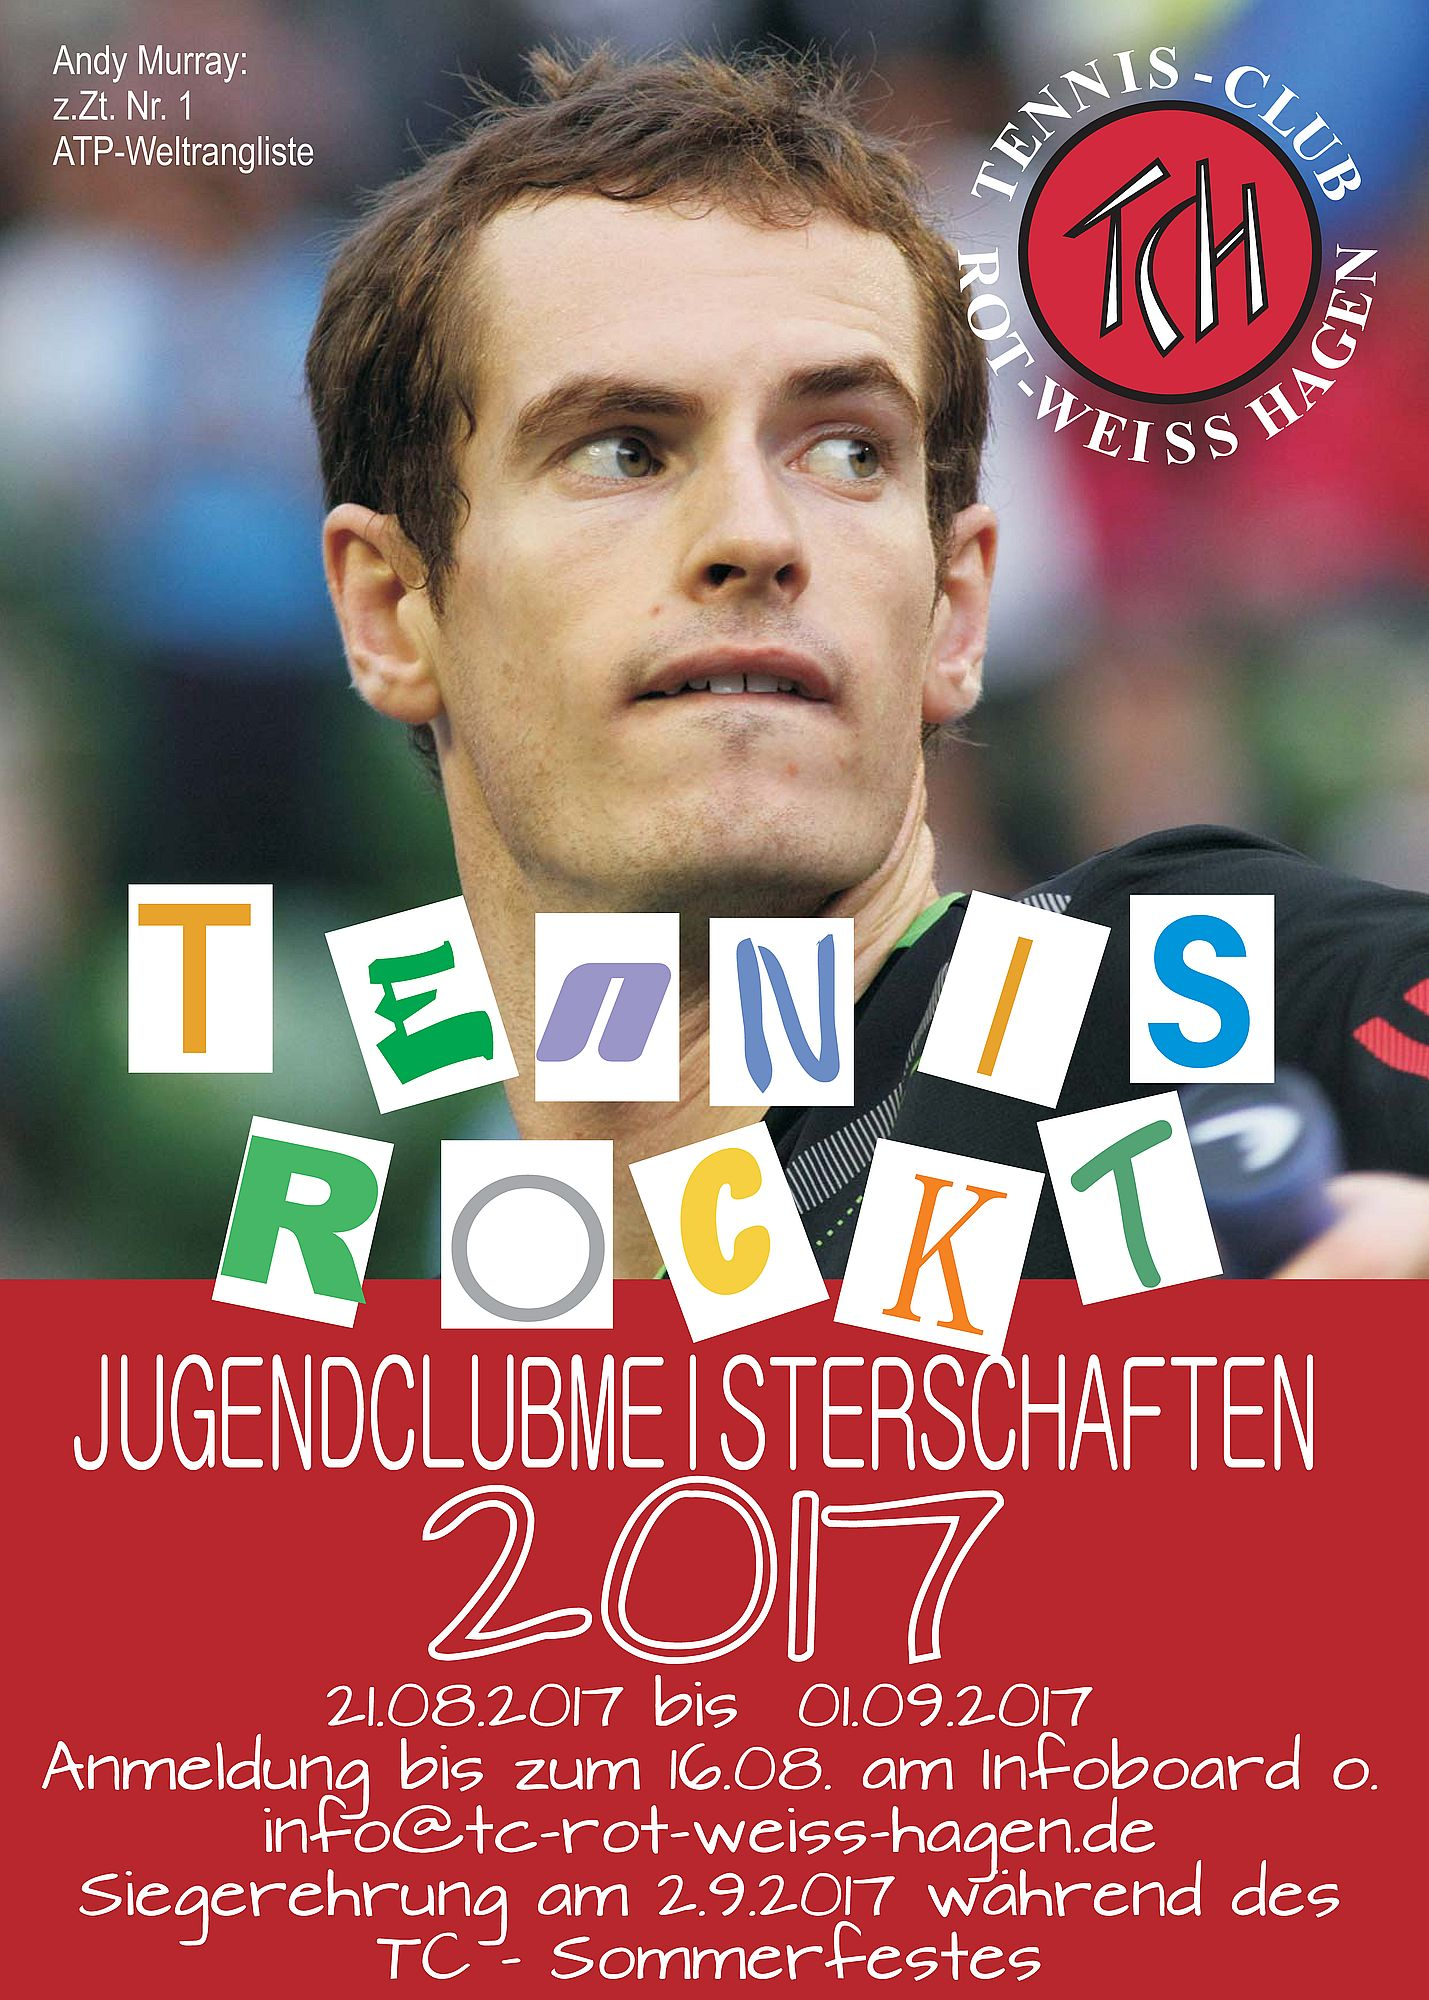 PosterJugendClubMeisterschaften2017_klein